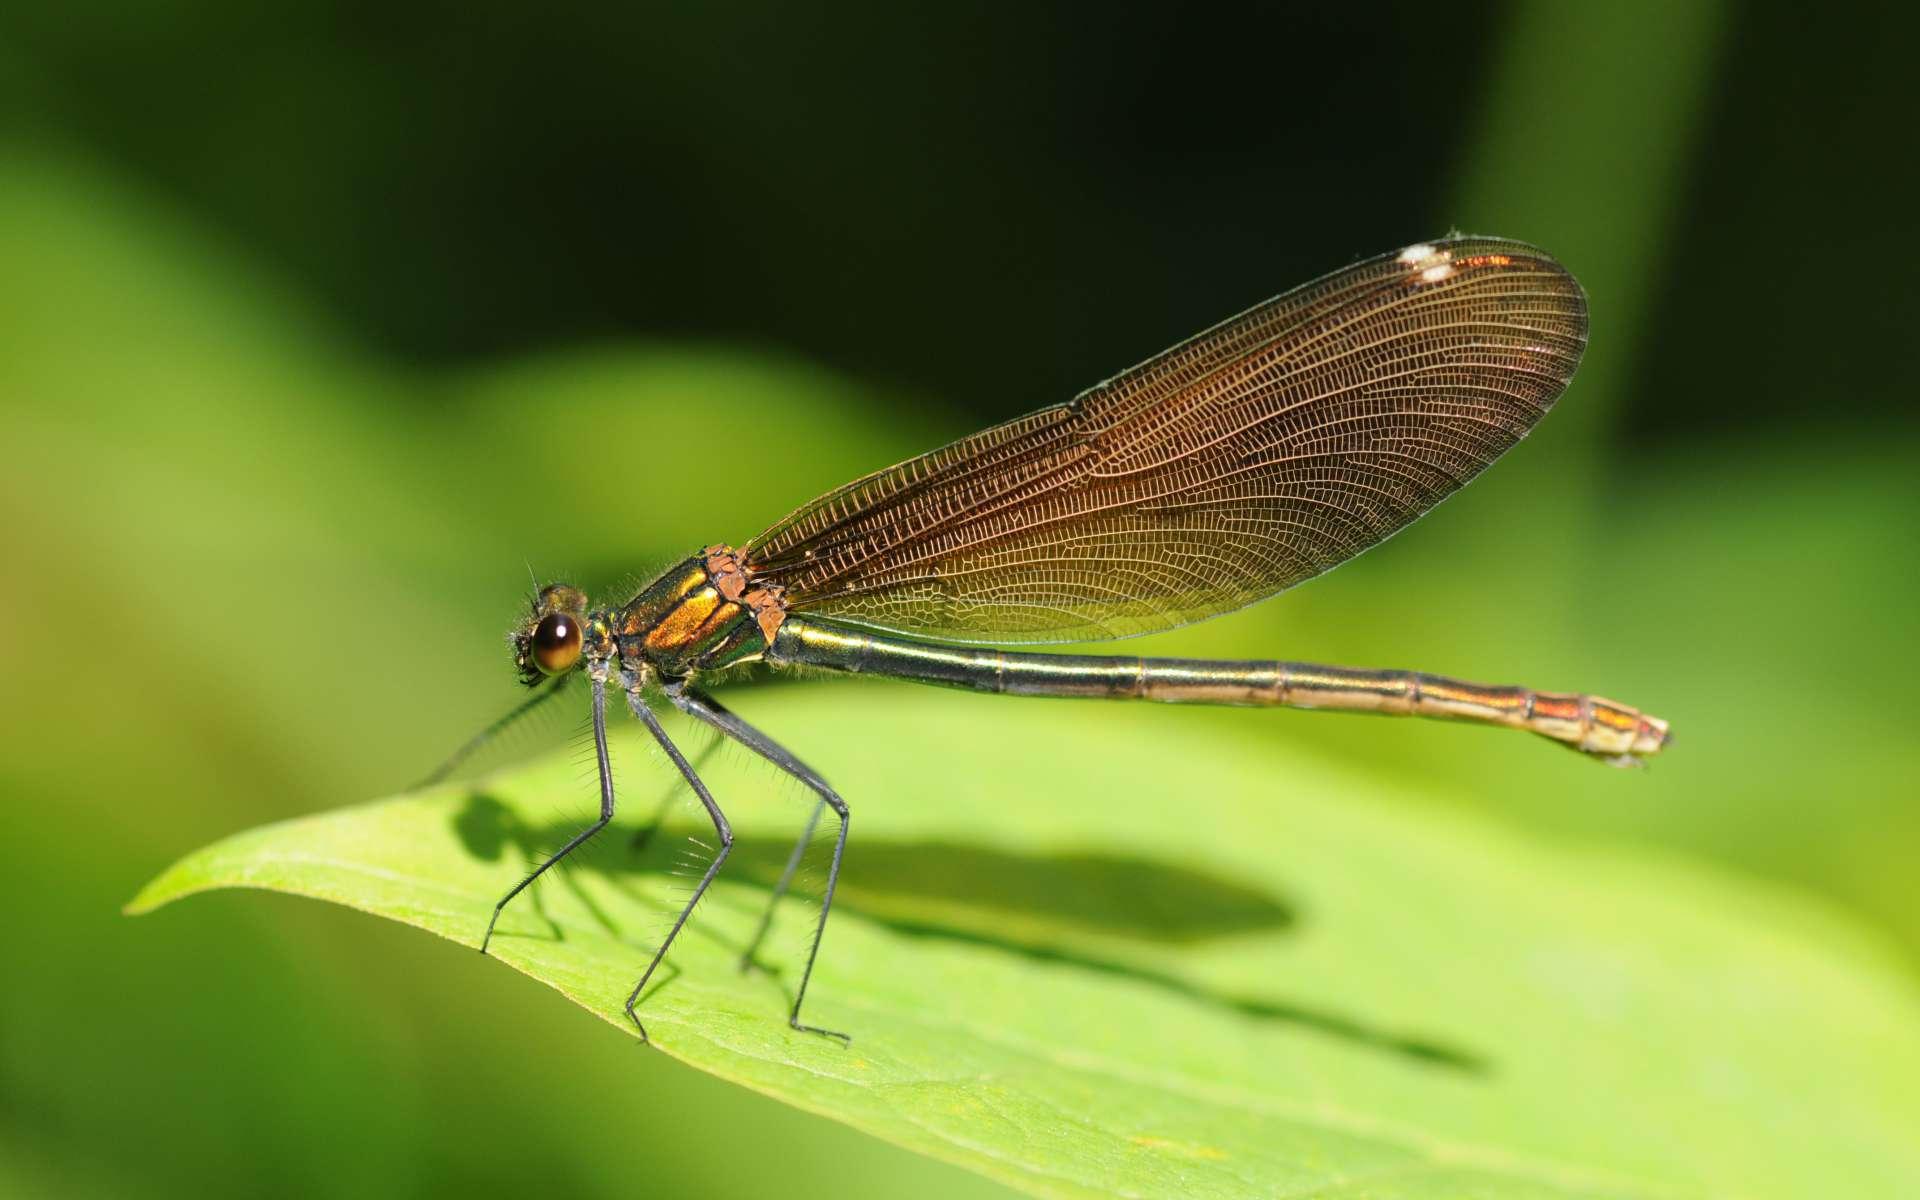 Caloptérix-vierge-crédit-thomas bresson-flickr-